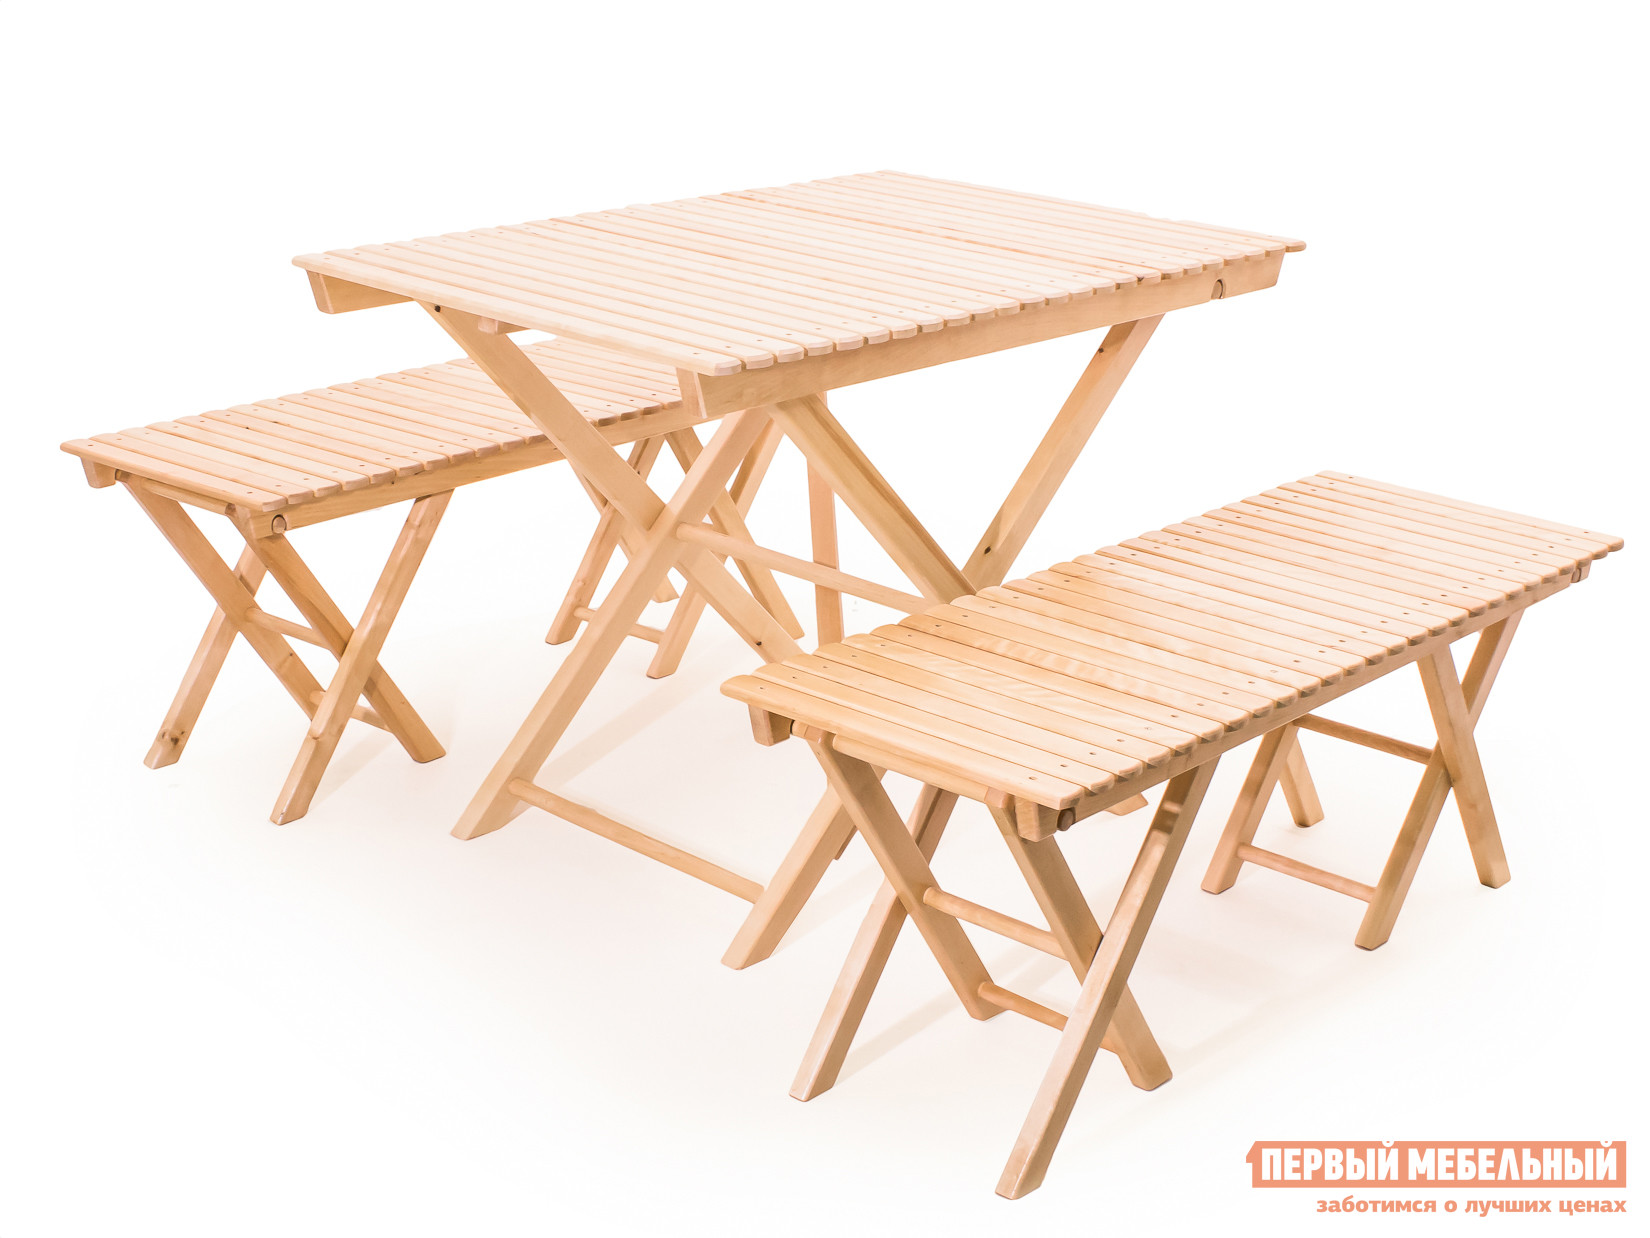 Комплект садовой мебели СМКА СМ004Б+СМ026Б 2 шт Береза от Купистол